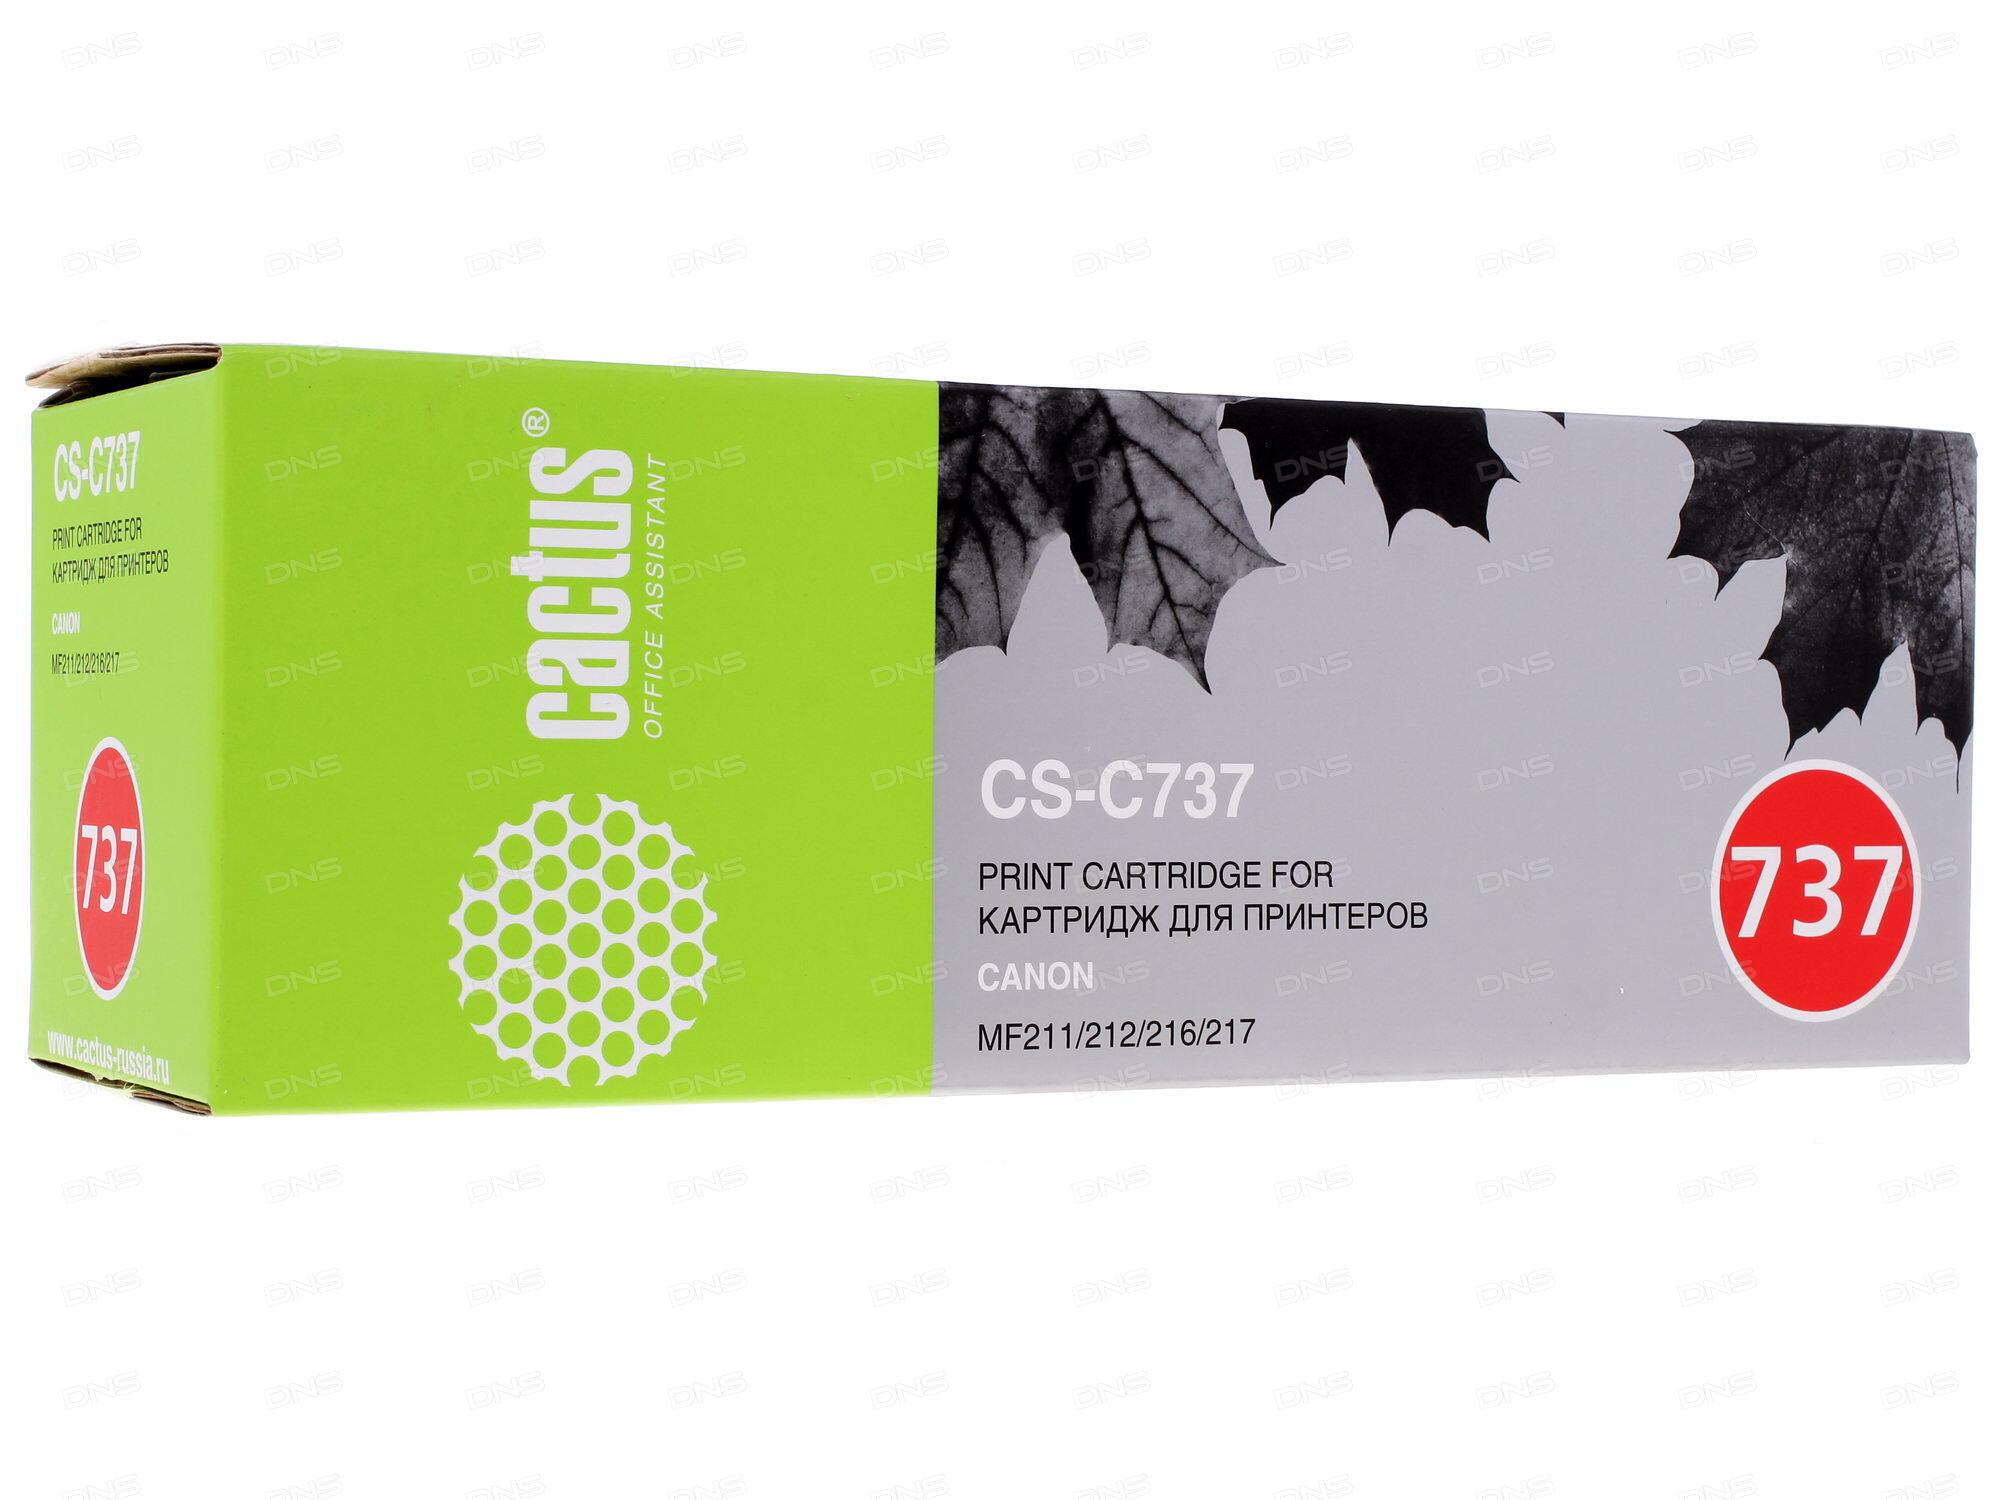 Картридж Cactus CS-PGI29MBK для Canon Pixma Pro-1 черный матовый